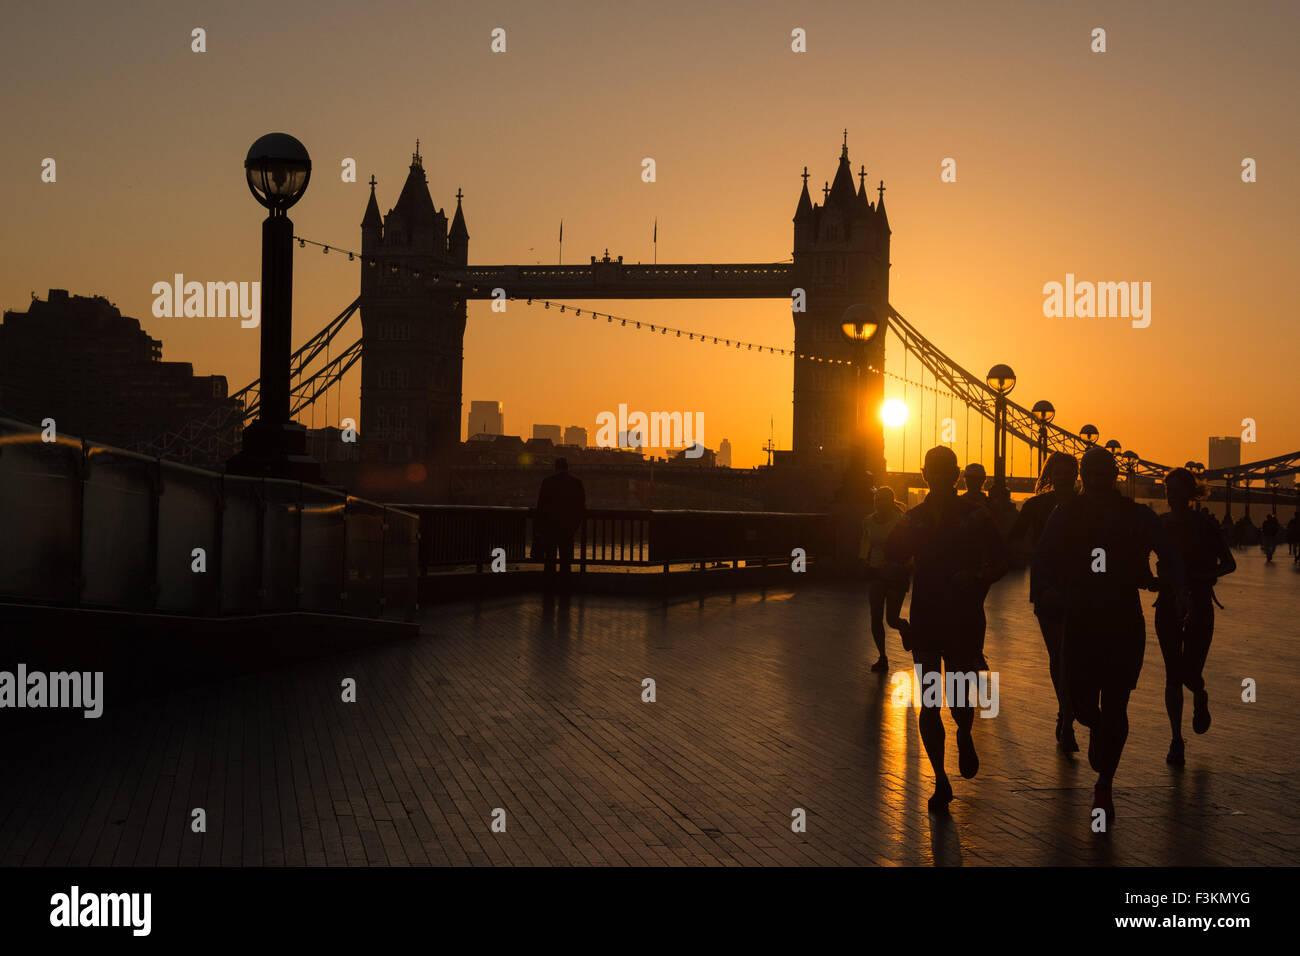 Wetter für UK, London, 9. Oktober 2015. Jogger genießen Sie ihre Übung am frühen Morgen wie Stockbild